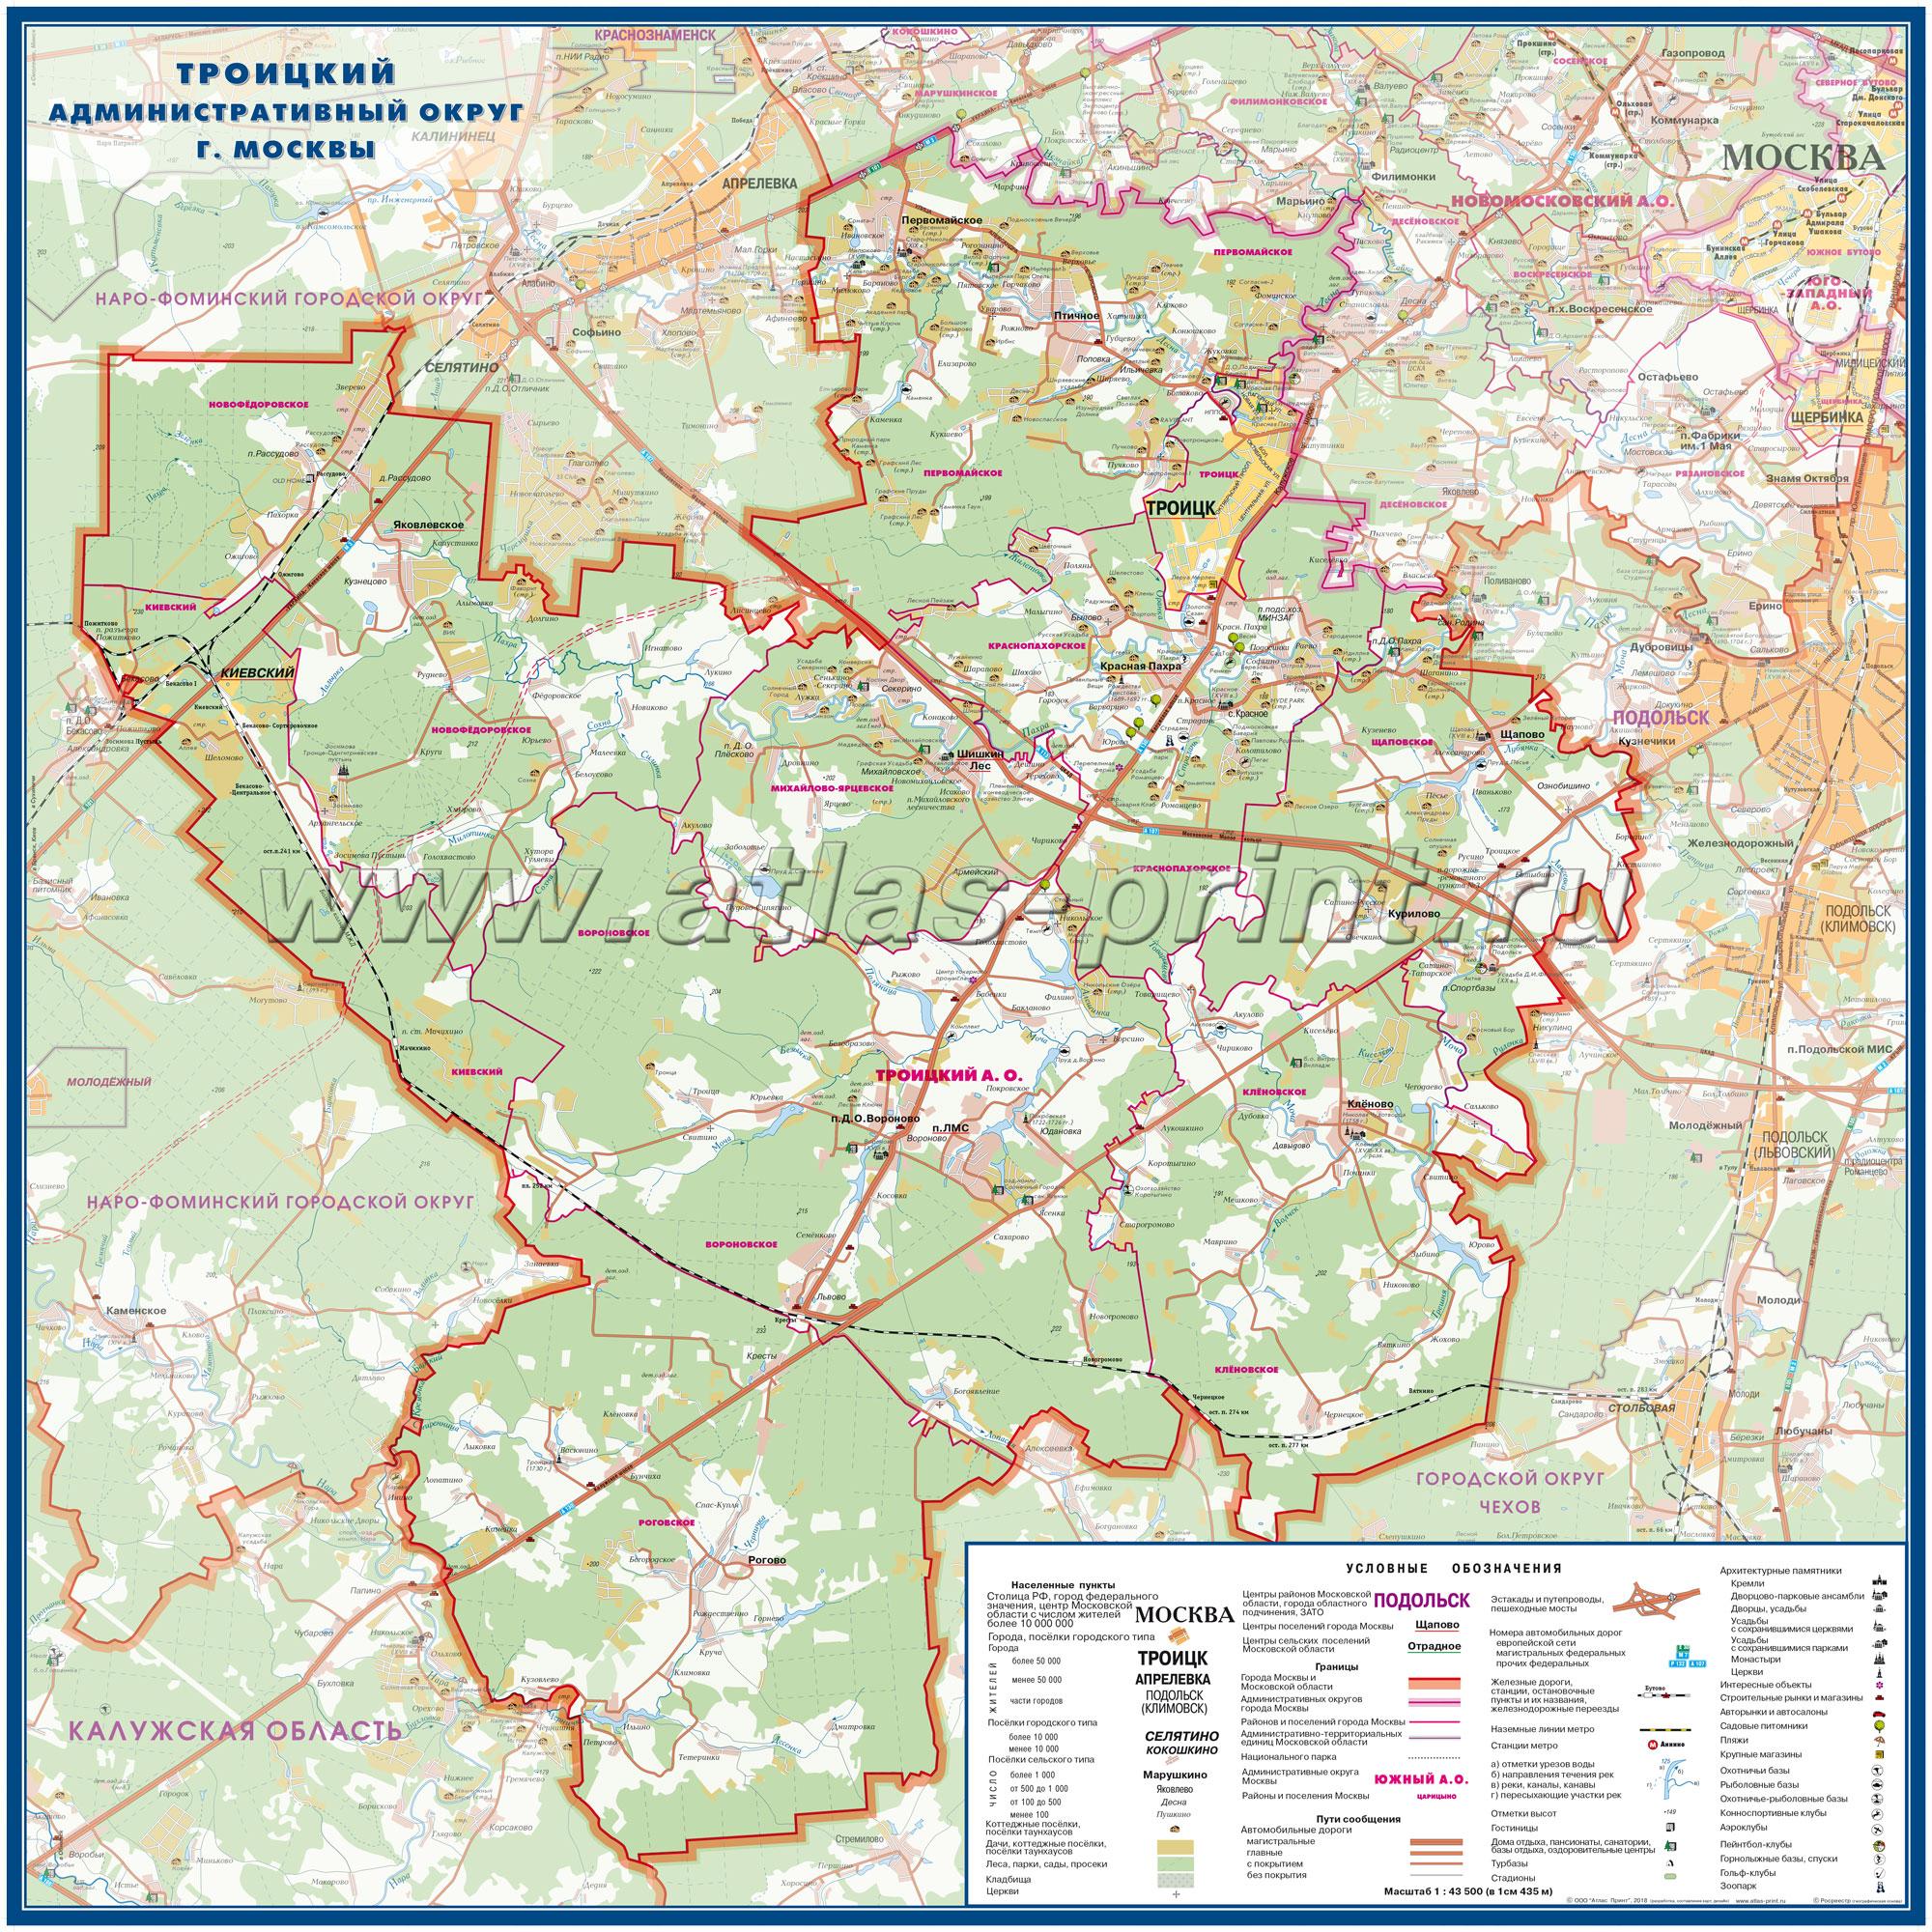 Настенная карта Троицкого административного округа Москвы (ТАО) размер 1,2*1,2 м, ламинированная. Выполняется на заказ